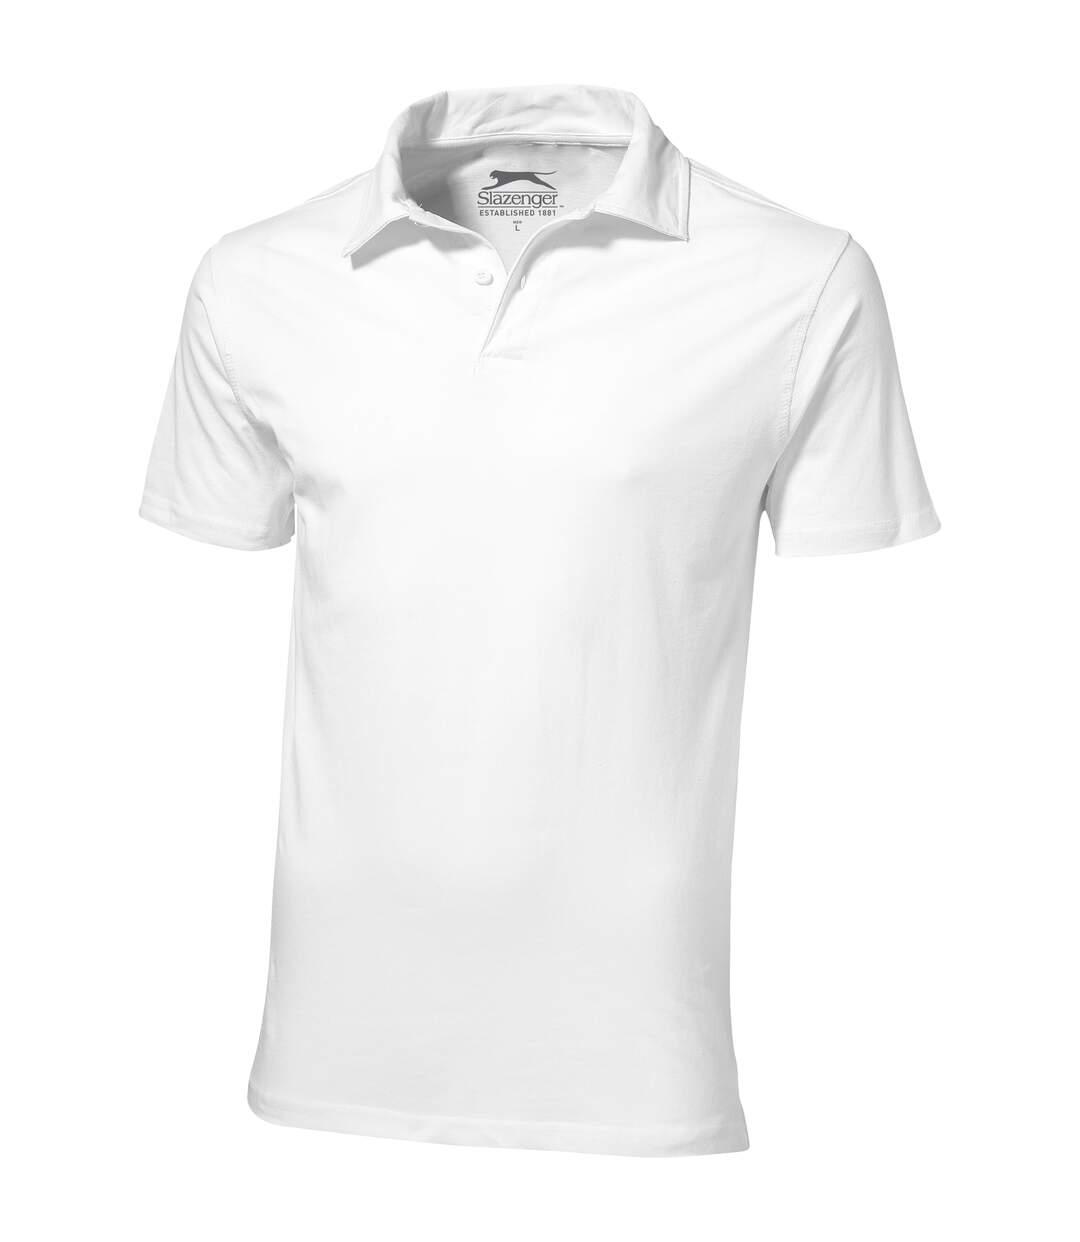 Slazenger Mens Let Short Sleeve Polo (White) - UTPF1740